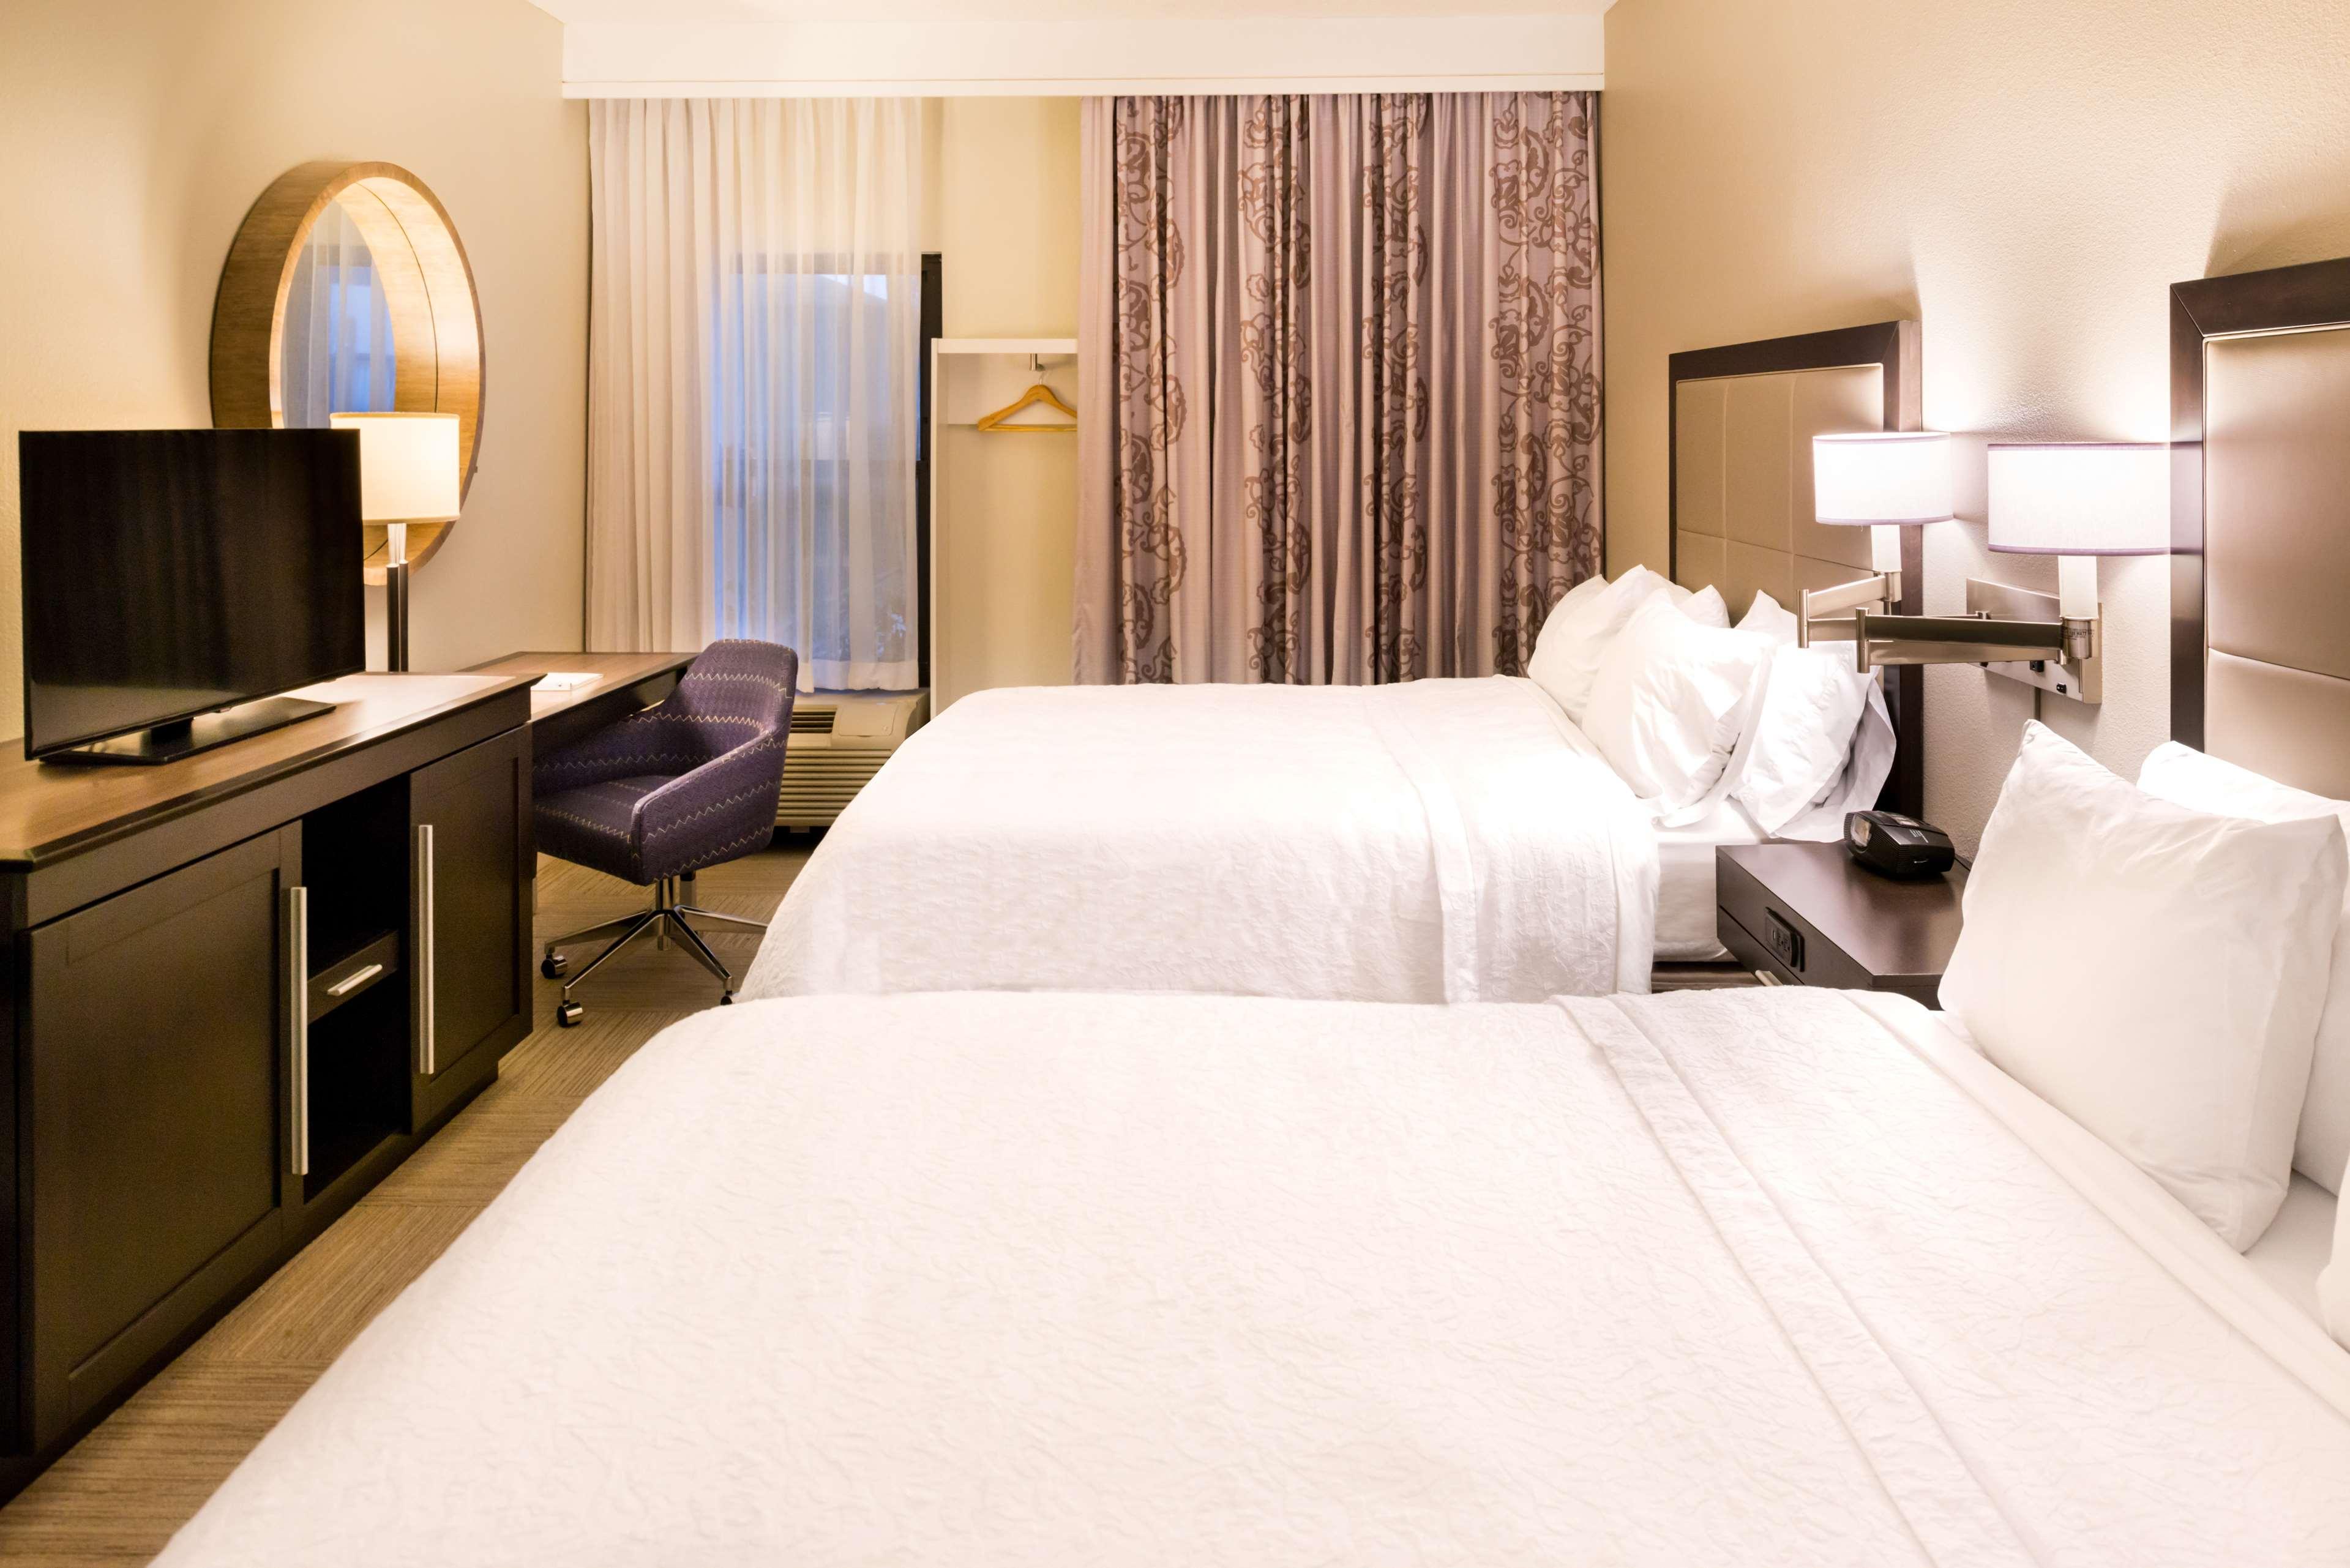 Hampton Inn & Suites Orlando/East UCF Area image 15